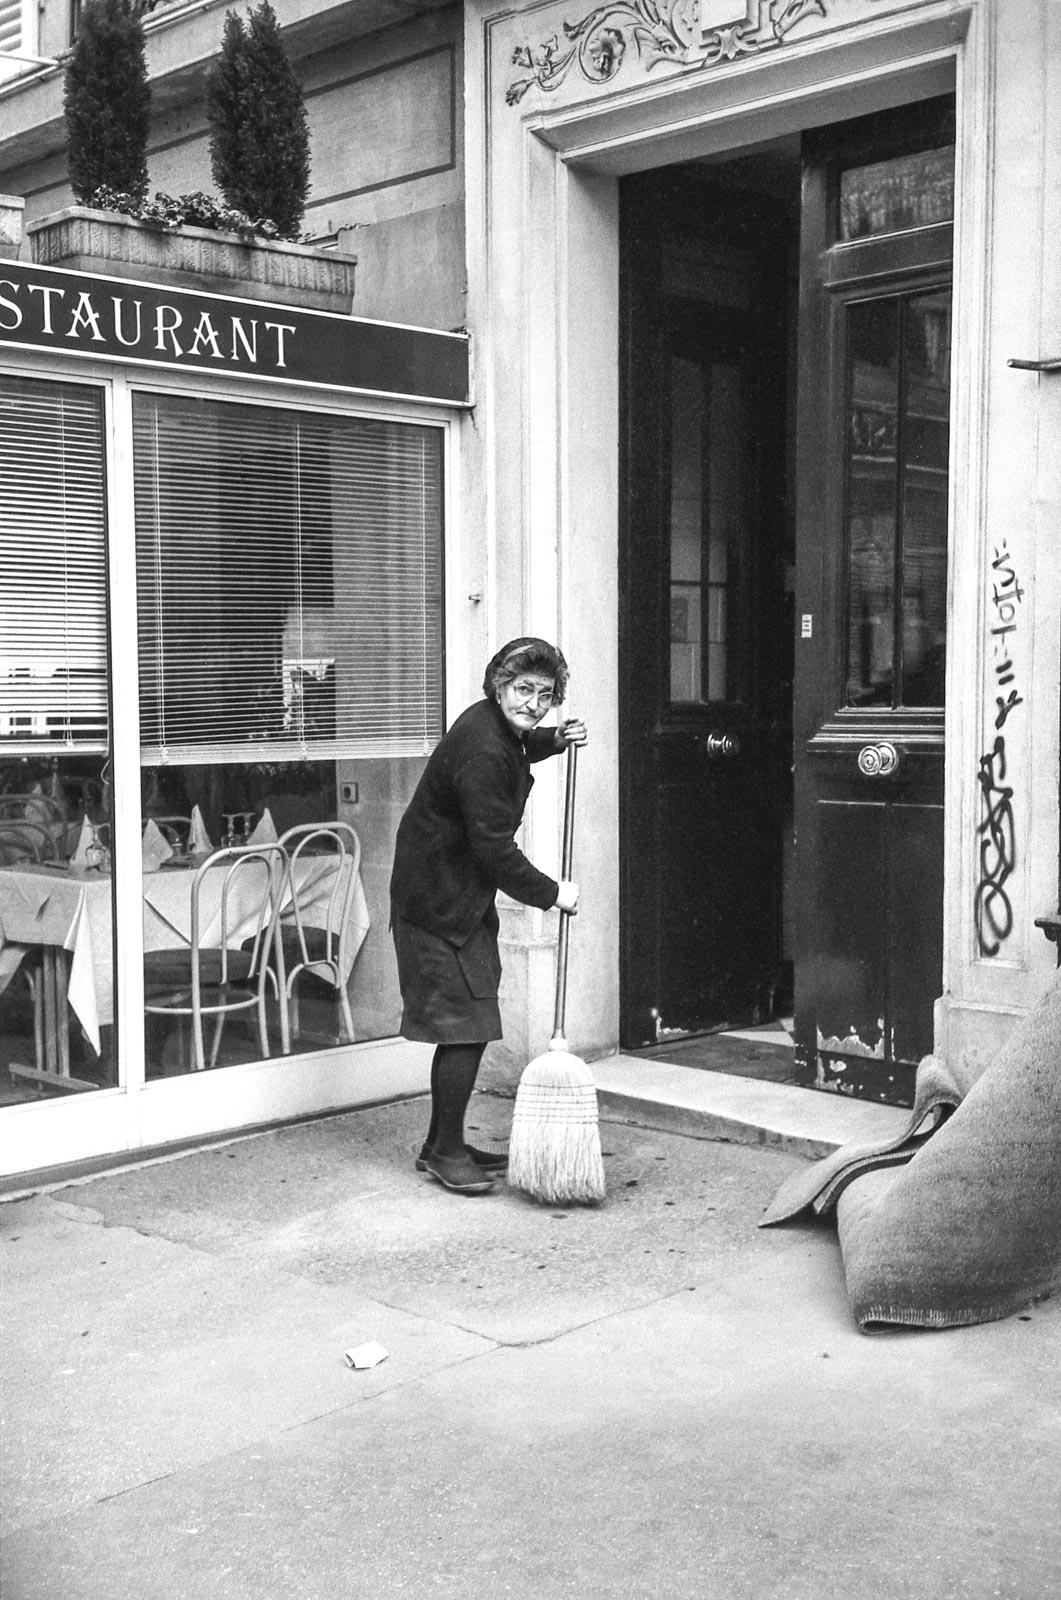 La concierge, Paris 1994